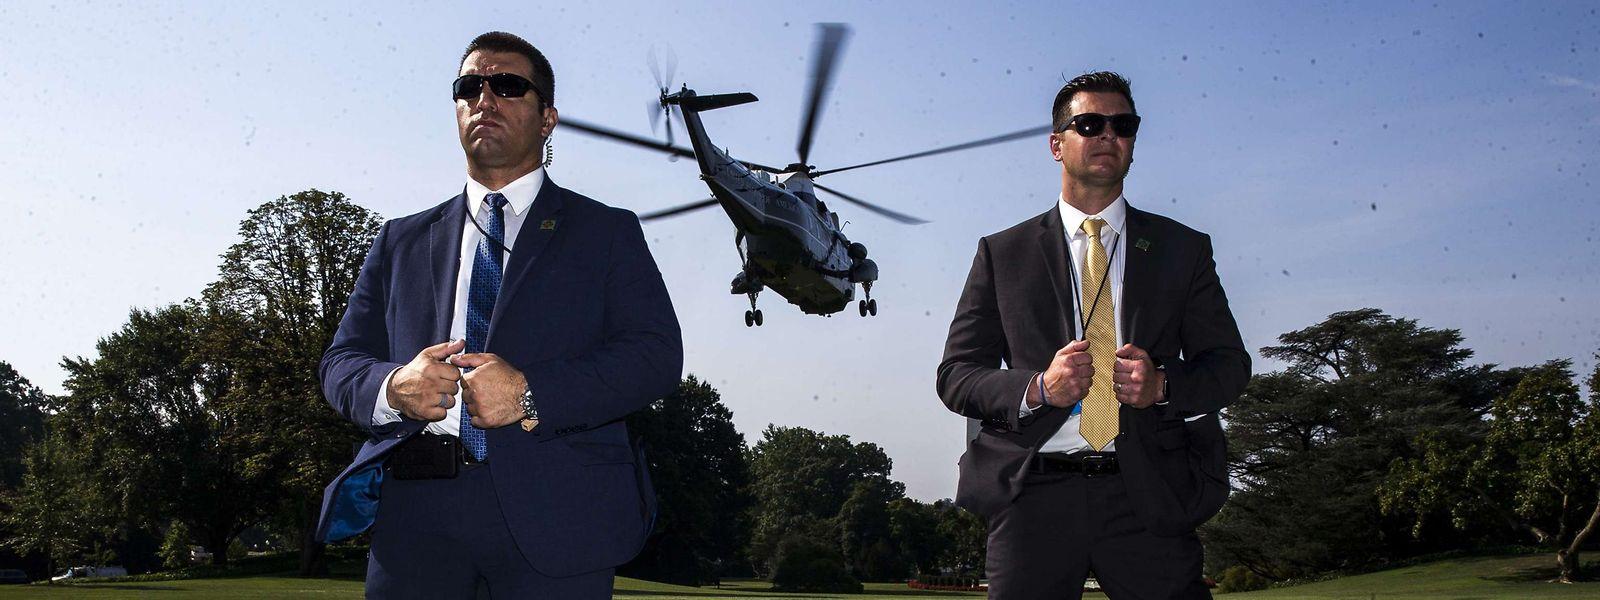 L'hélicoptère du président a décollé vers la base aérienne d'Andrews. Trump fera étape dans la journée à Dayton, Ohio puis El Paso, Texas.